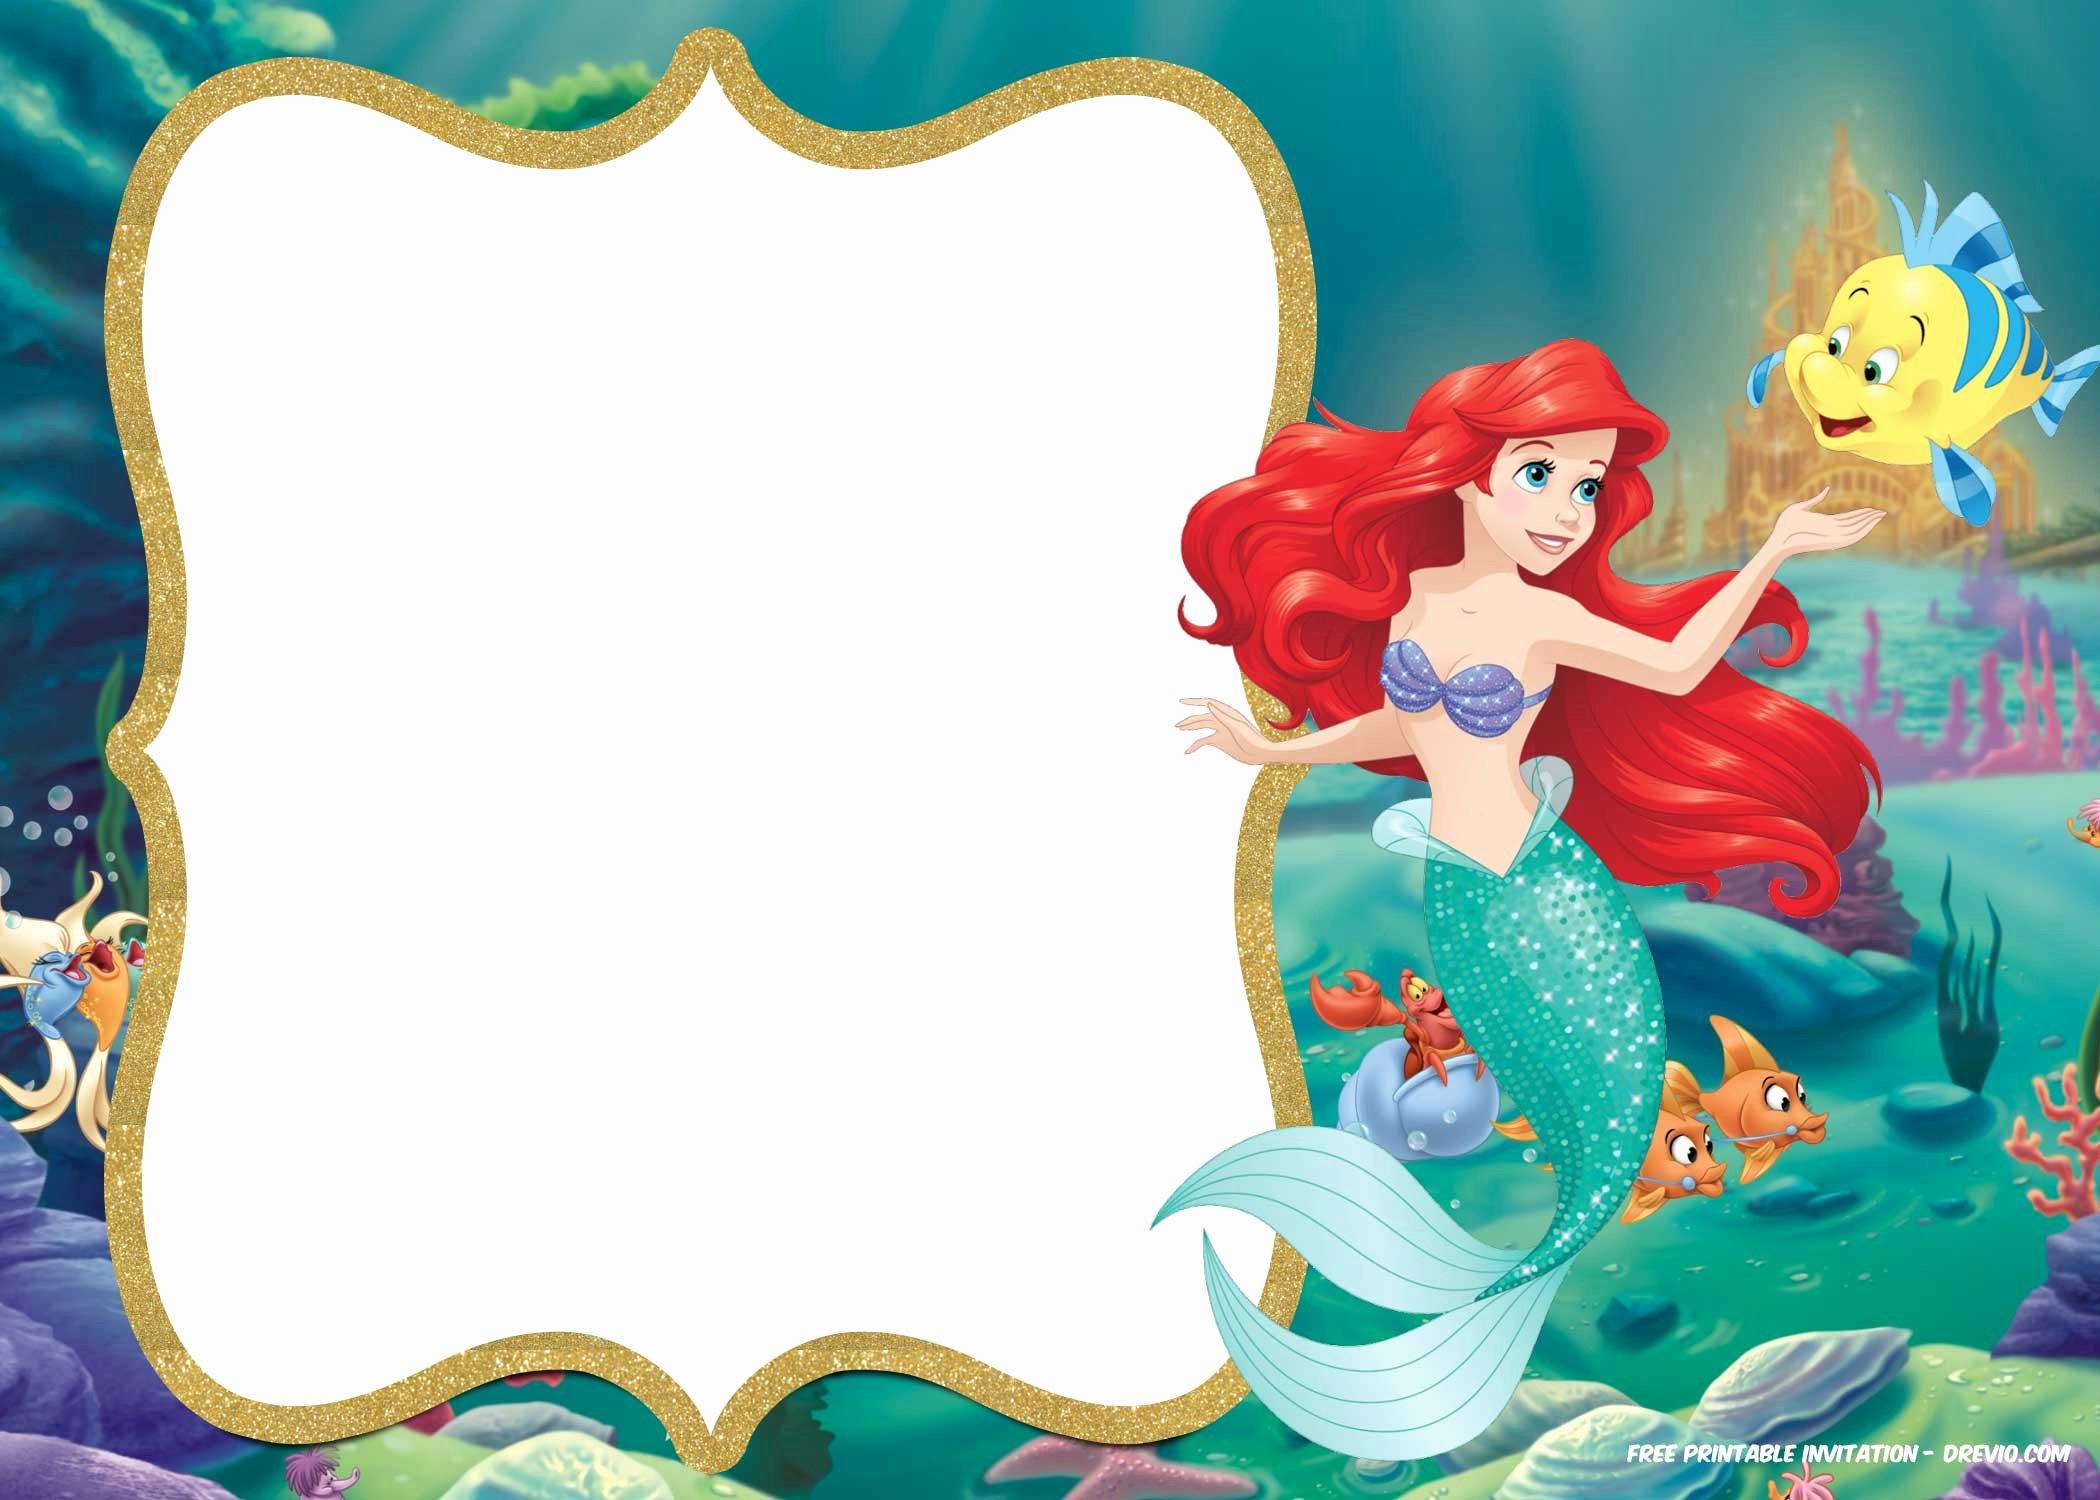 Mermaid Invitation Template Best Of Free Printable Ariel Little Mermaid Invitation Template